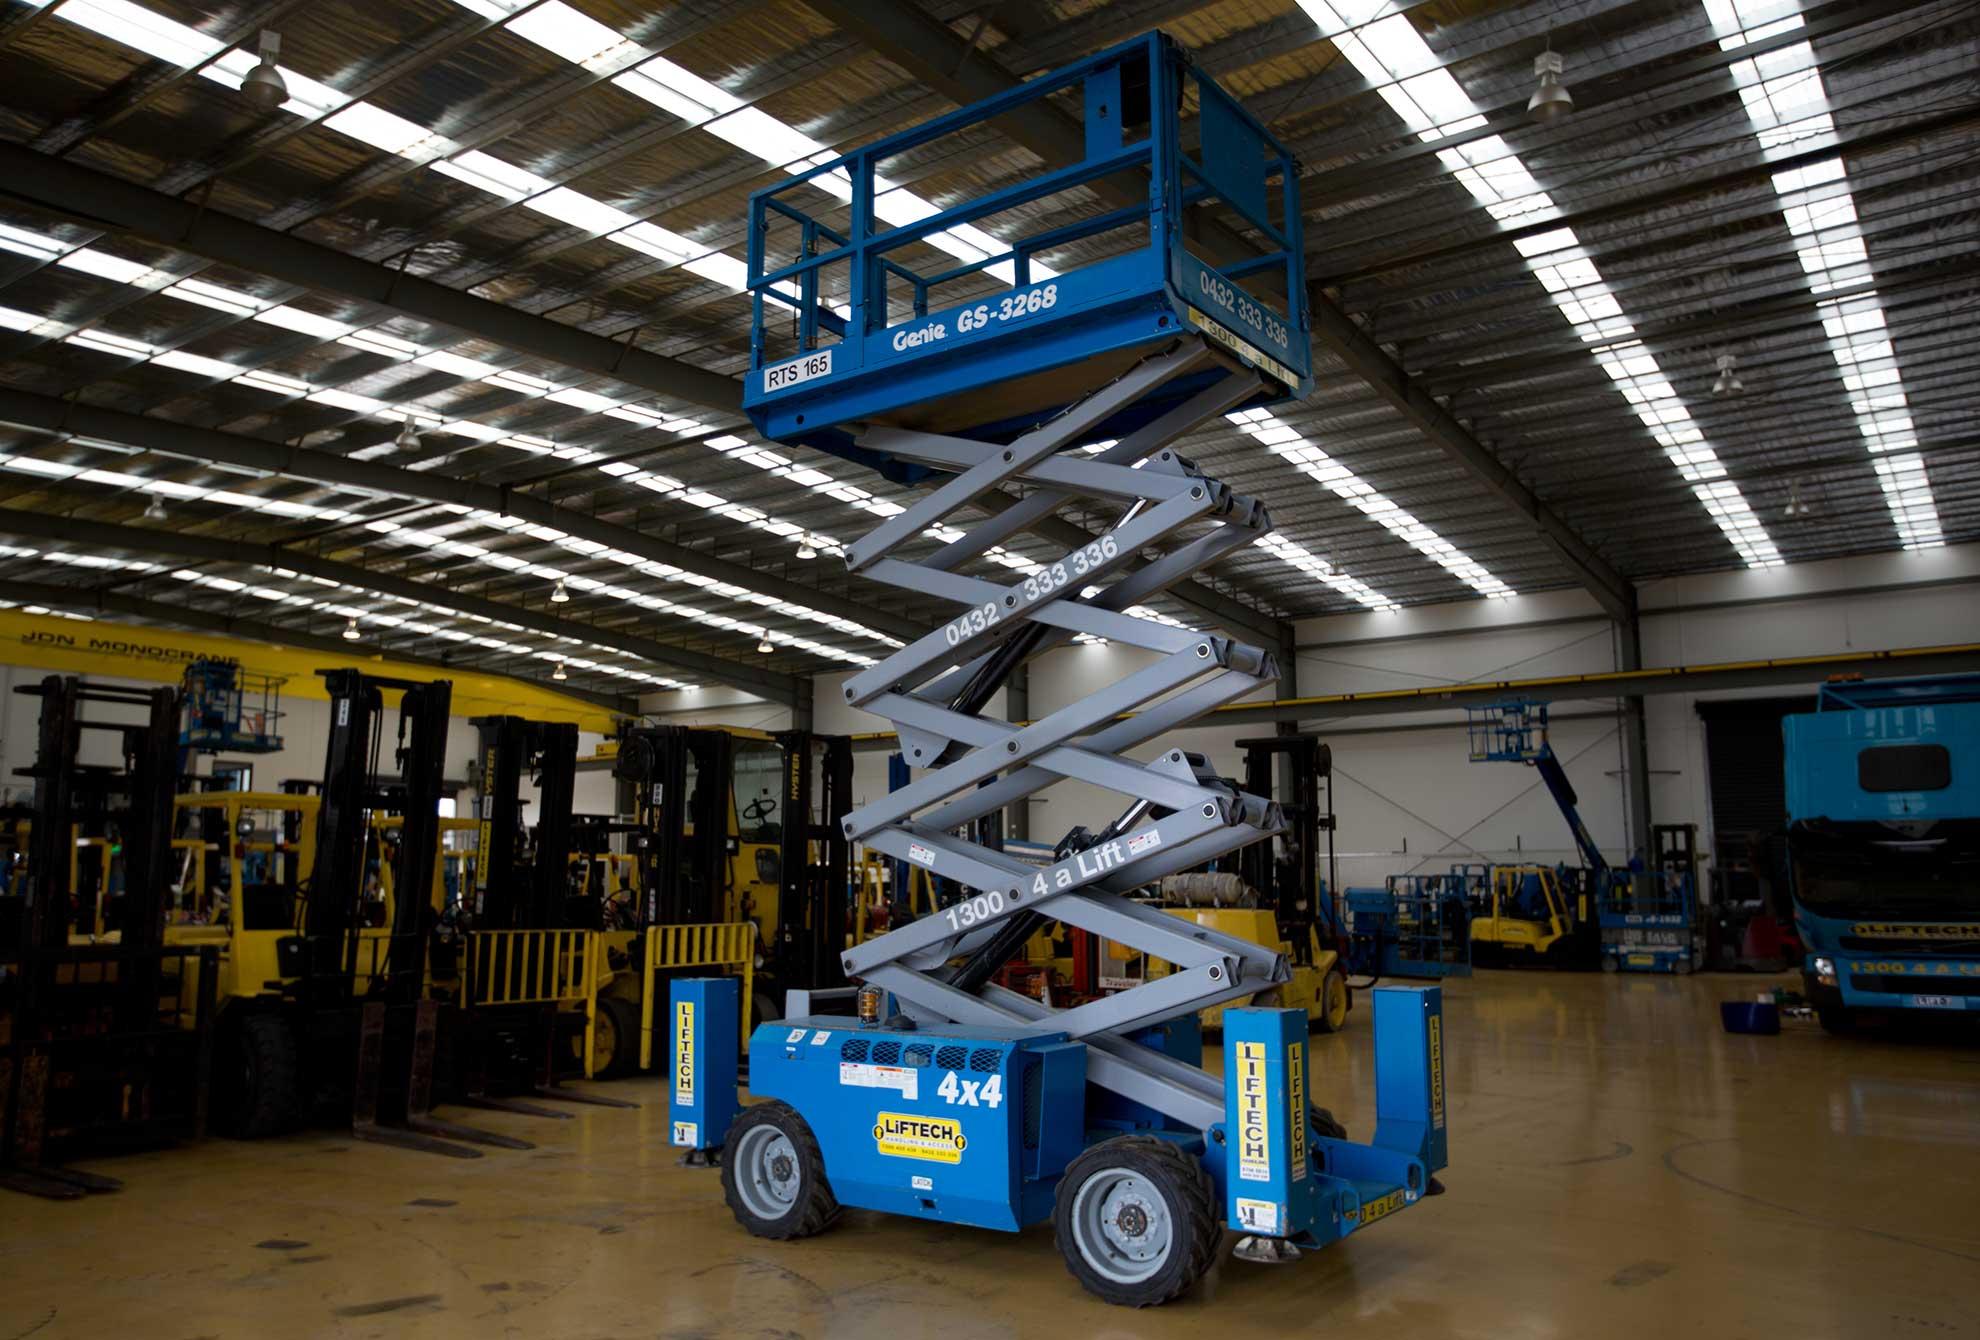 10m Rough Terrain Scissor Lift for Hire Melbourne